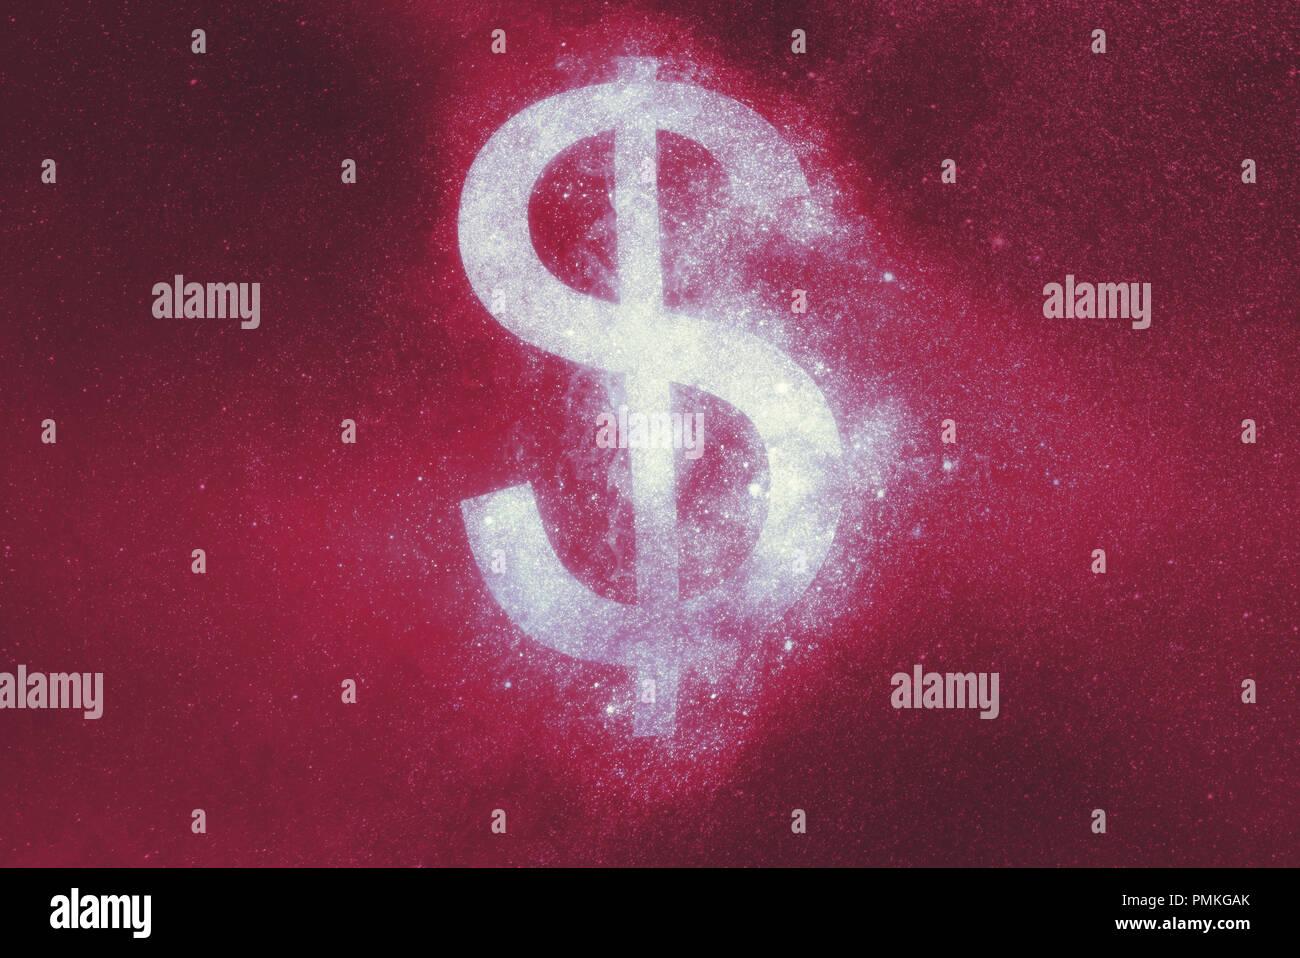 Il simbolo del dollaro, simbolo del dollaro. Sfondo astratto Immagini Stock